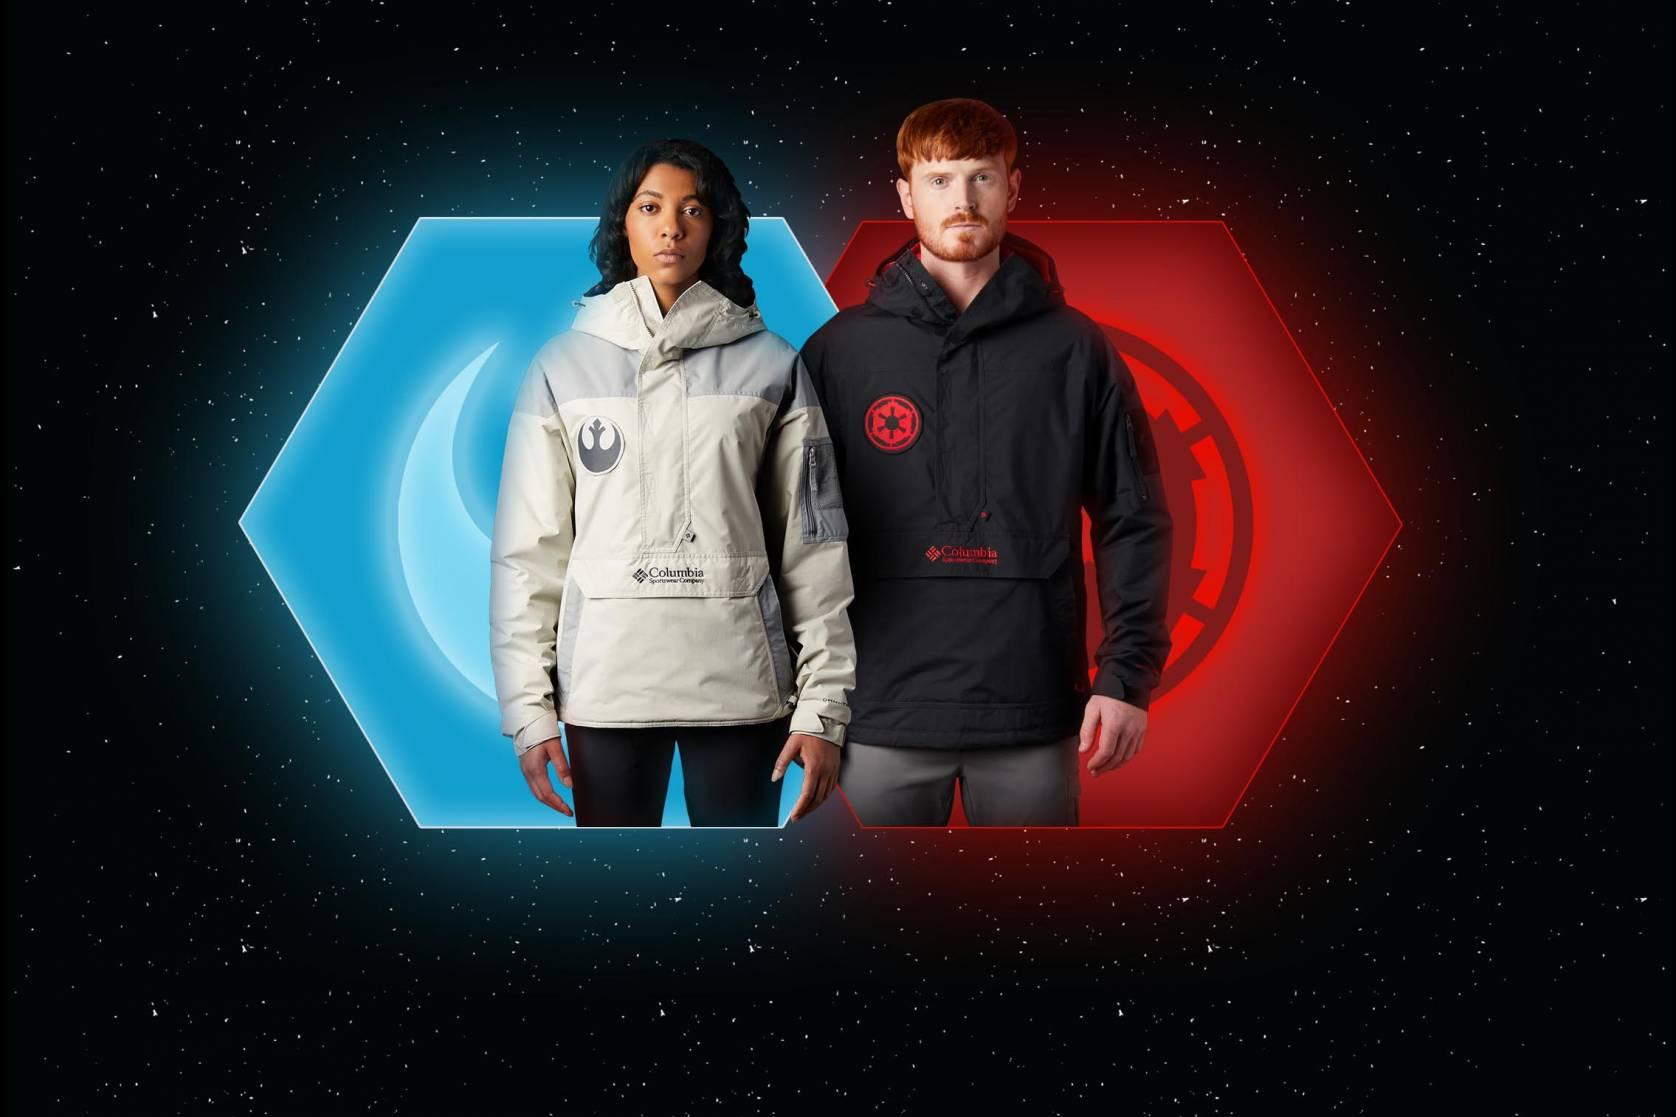 columbia, star wars, collectie, jedi, dark side, force, jas, jacket